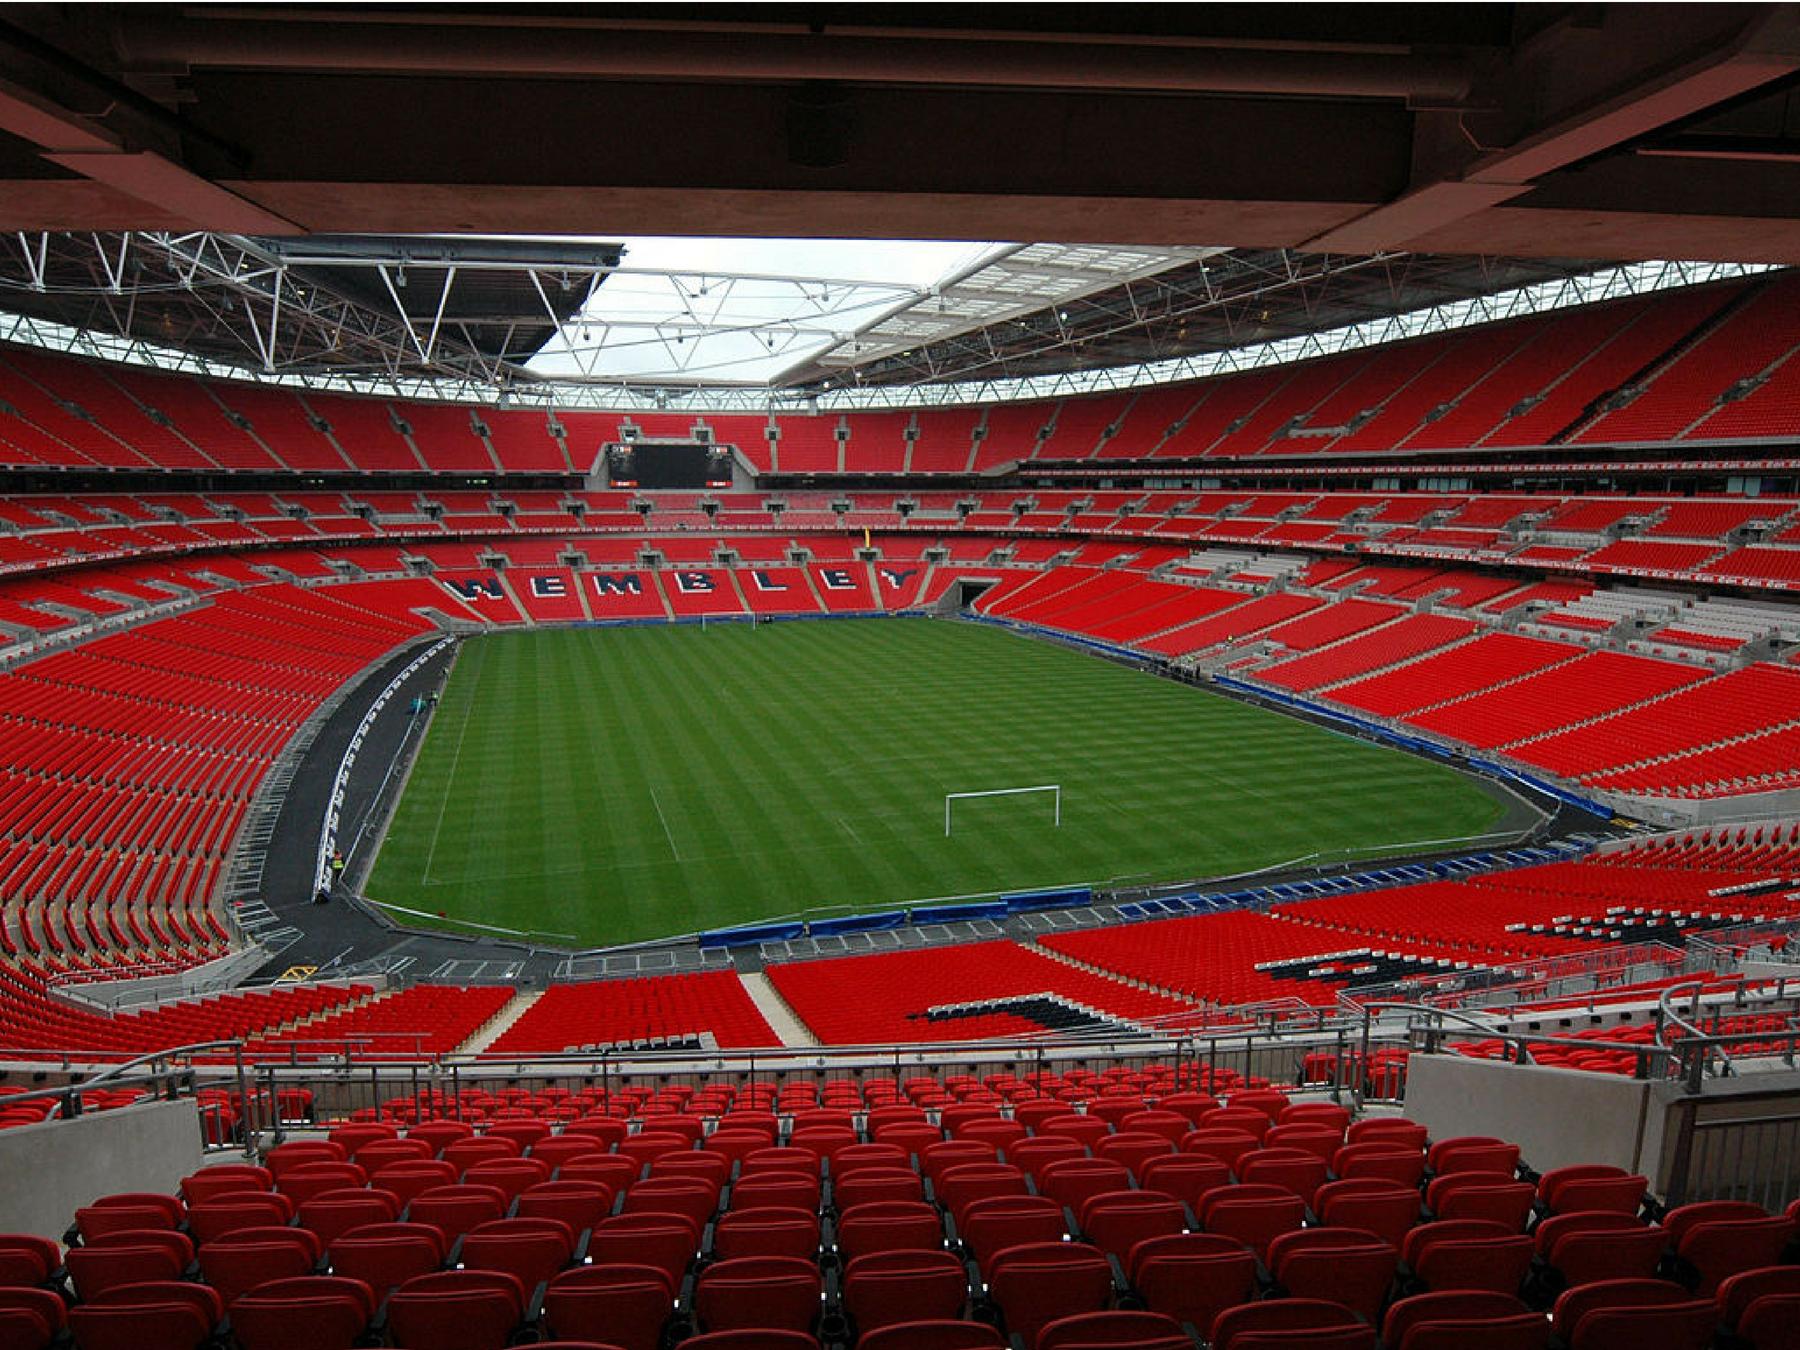 estádios-mais-legais-do-mundo-Calendário-da-copa-wembley Os 20 estádios mais legais do mundo Calendário Copa 2018